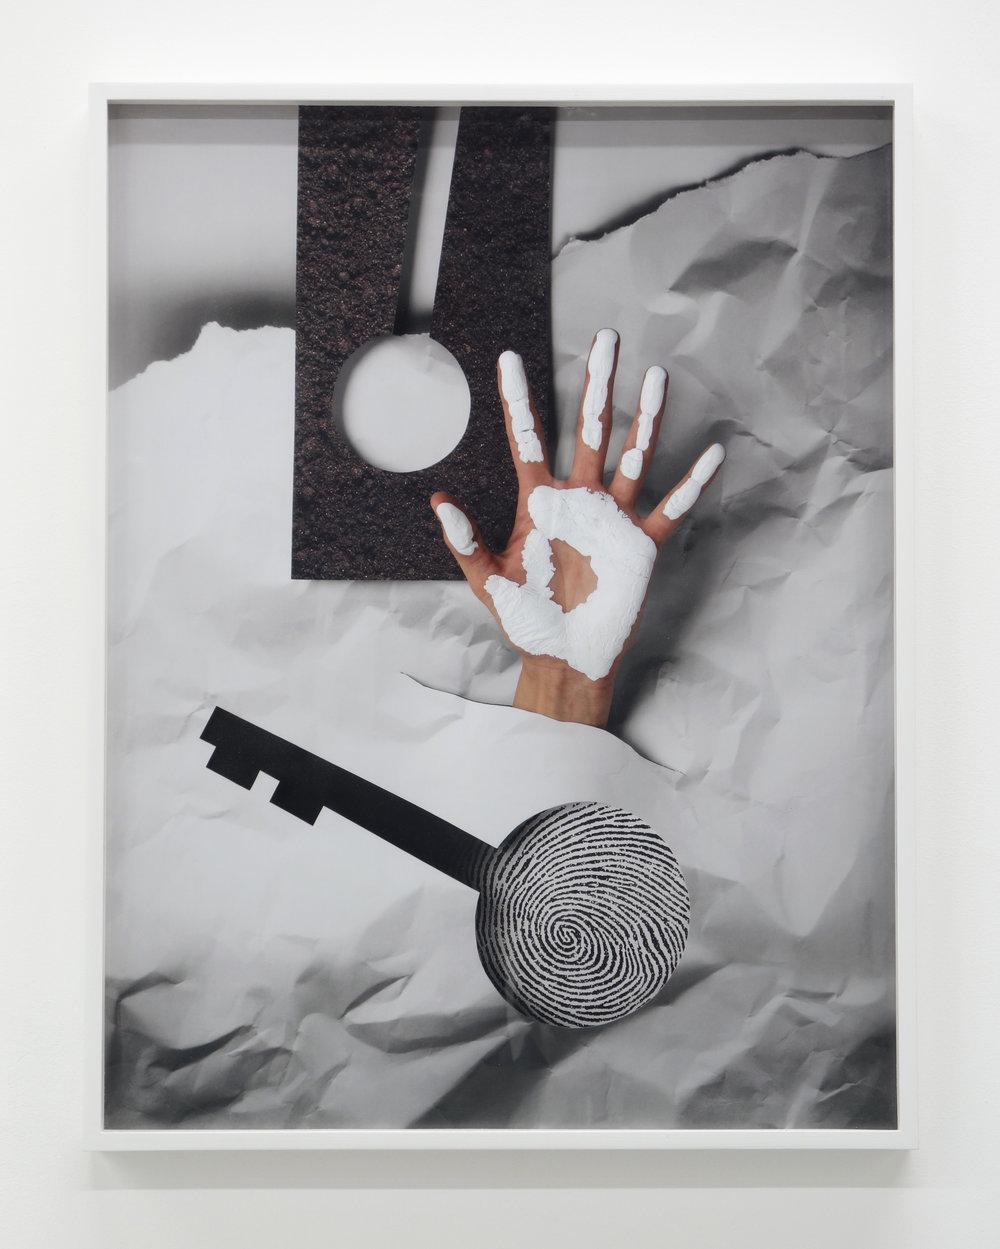 Jennifer Grimyser hand key.jpg